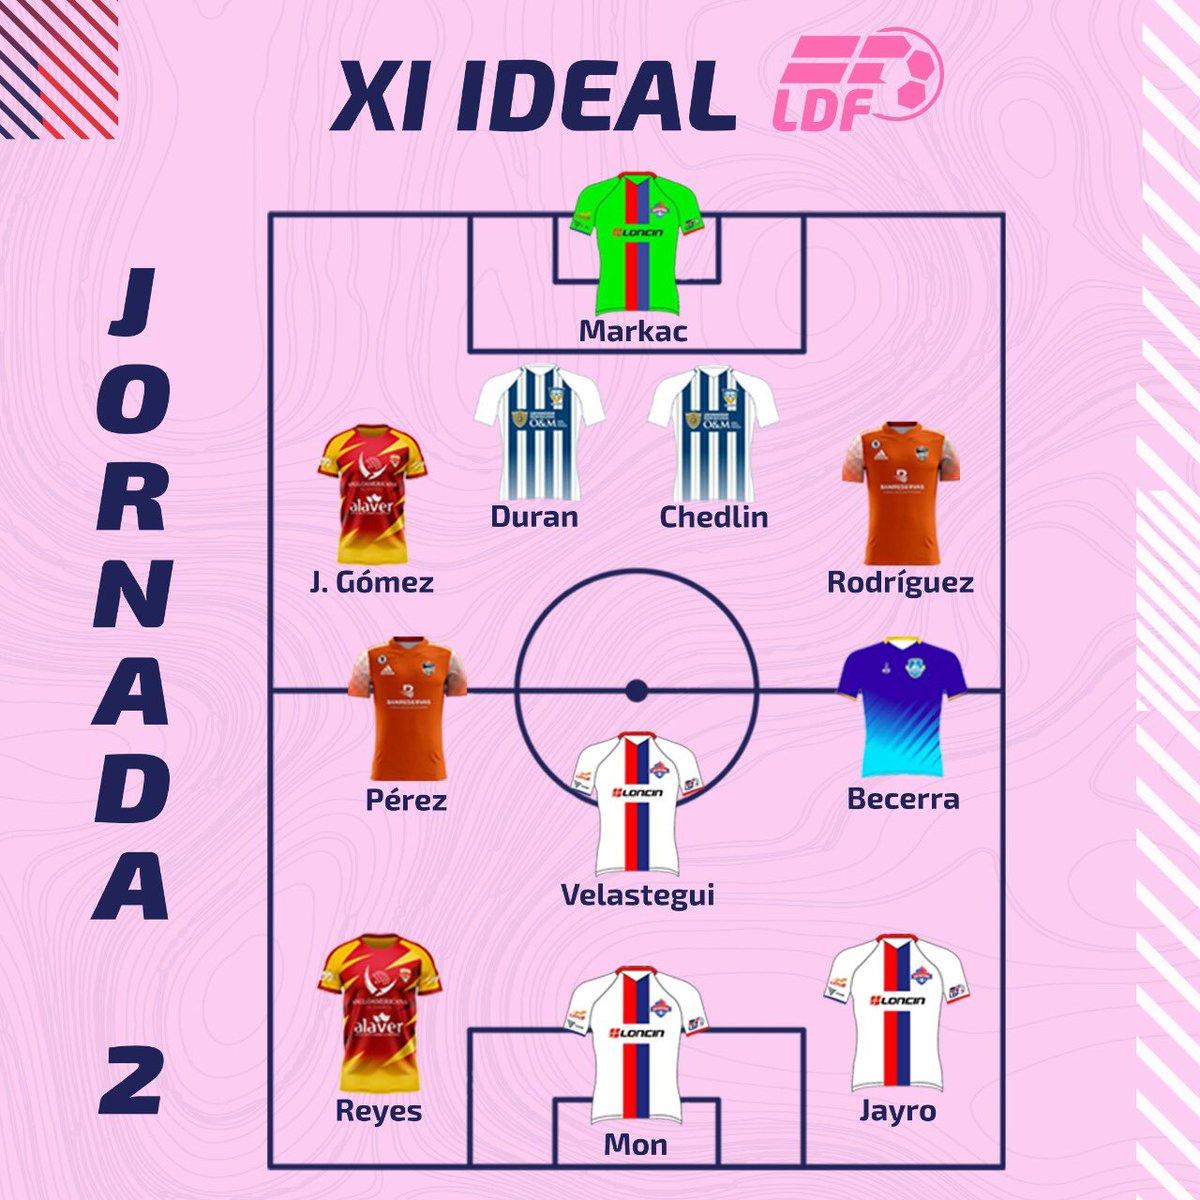 Estos son los 11 jugadores más destacados durante la #Jornada2 de la #LDF2020  ¡Ayudanos a elegir el #jugadorPUMA de la jornada! Comenta debajo quien piensas que merece este título. https://t.co/5udwGoVoiD